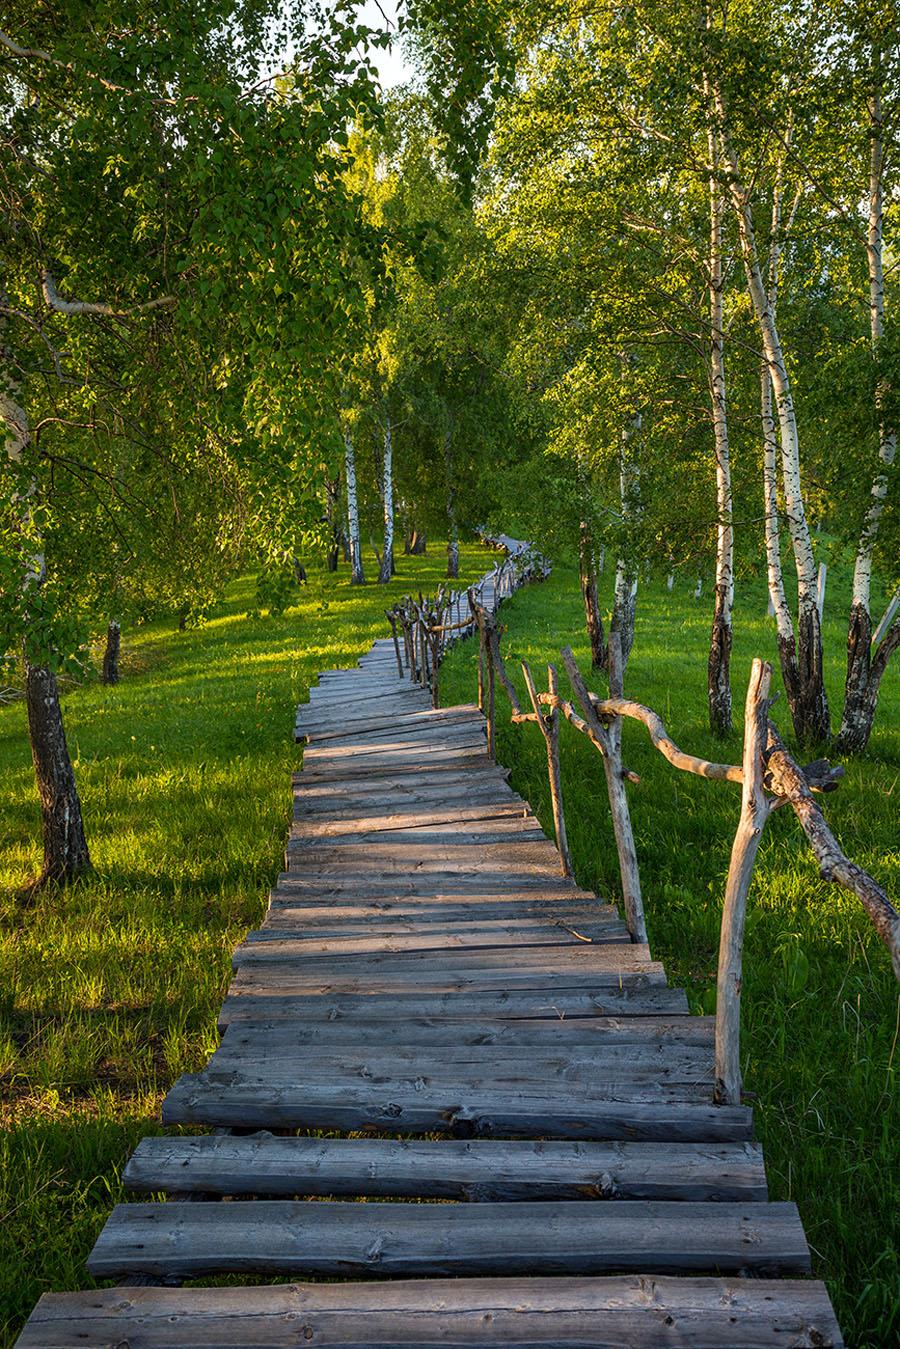 nikolskoe_priroda_34.jpg